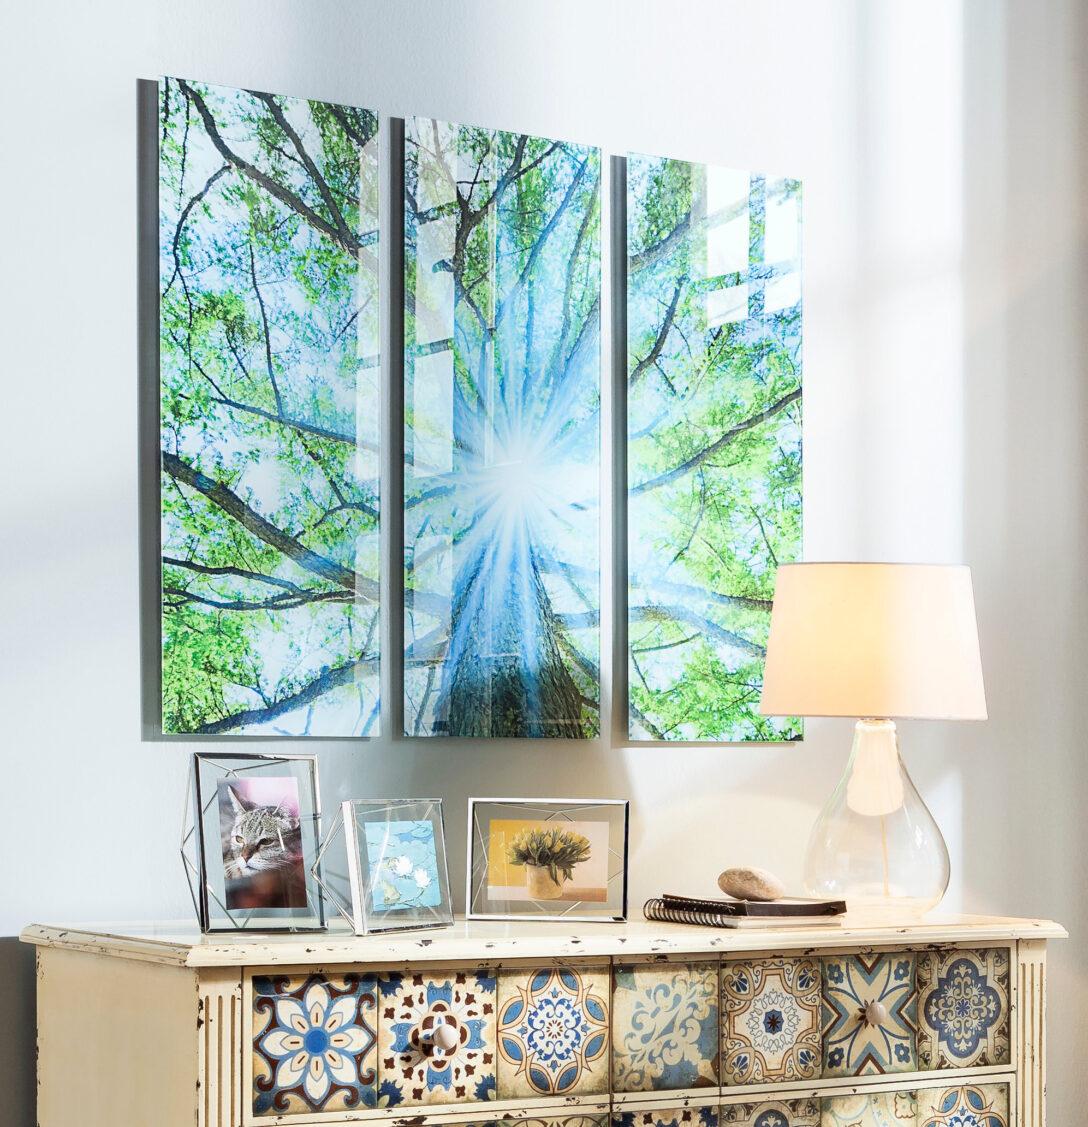 Large Size of Glasbild 120x50 Triptychon Baum Glasbilder Küche Bad Wohnzimmer Glasbild 120x50